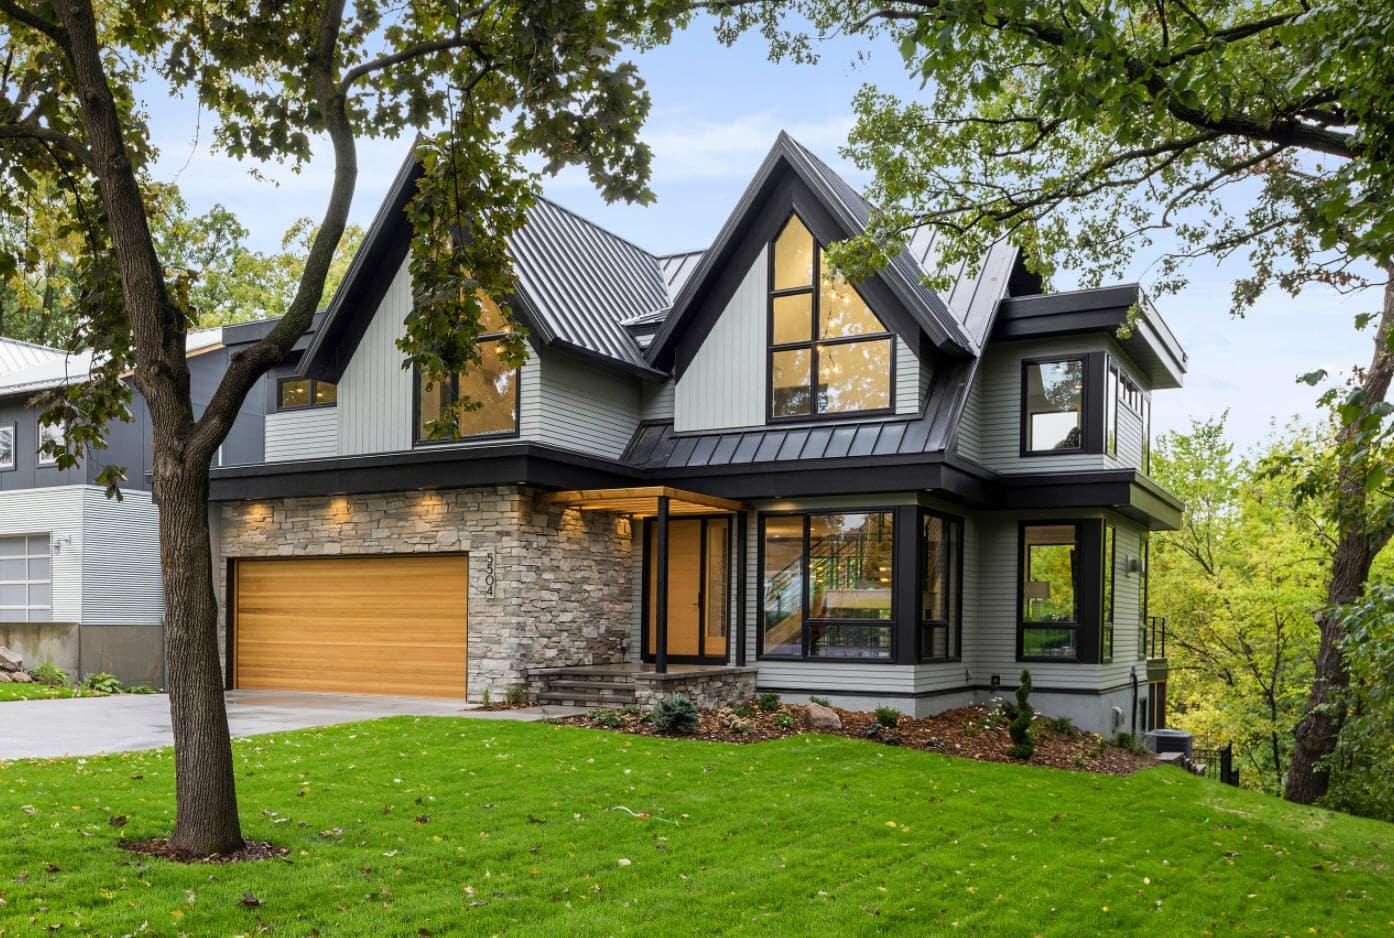 фото небольшой дом с красивой крышей как один